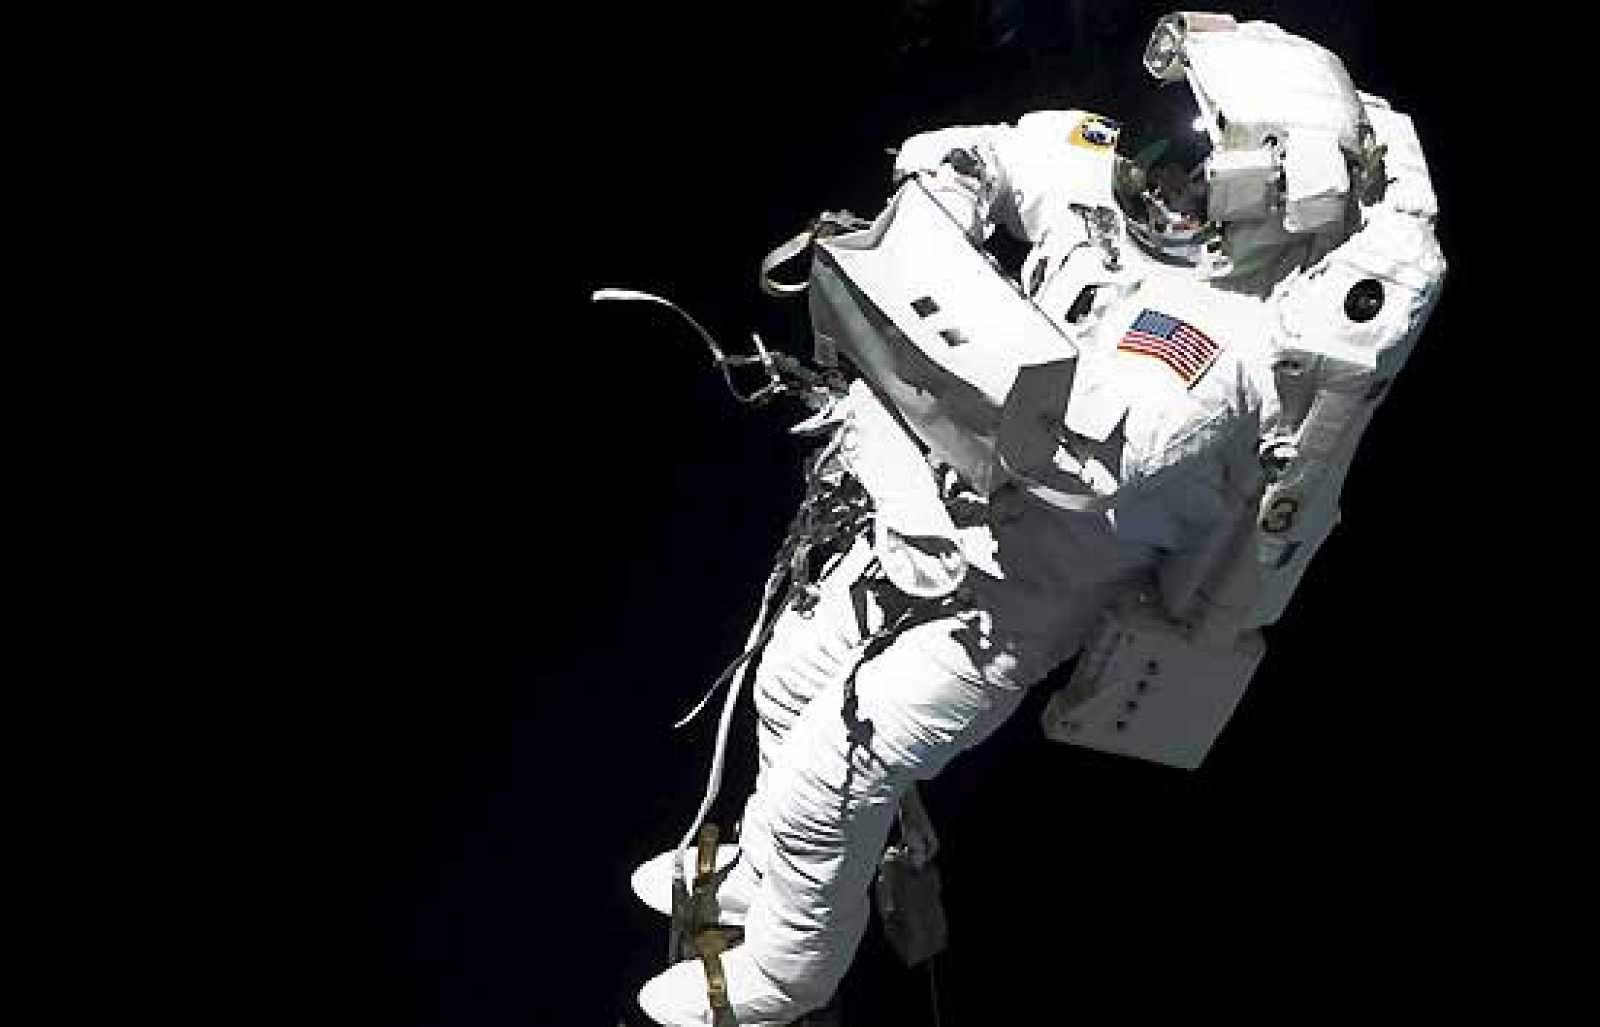 """Los astronautas Mike Foreman y Randy Bresnik han iniciado la segunda caminata espacial para instalar un adaptador al laboratorio europeo """"Columbus"""" de la Estación Espacial Internacional (ISS) y una antena adicional para radioaficionados."""